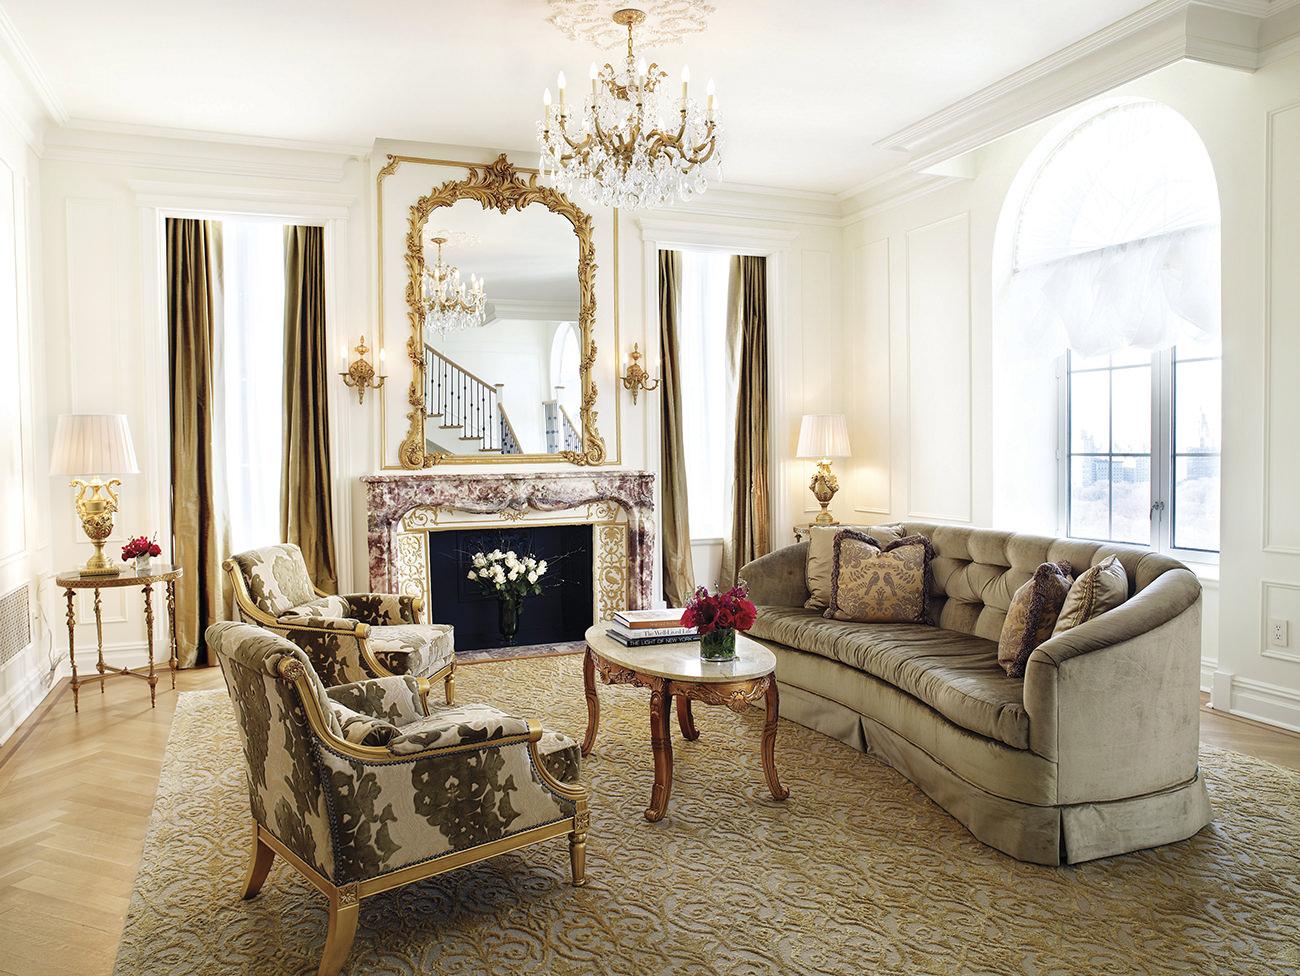 le plaza hotel new york entre l gende et modernit. Black Bedroom Furniture Sets. Home Design Ideas